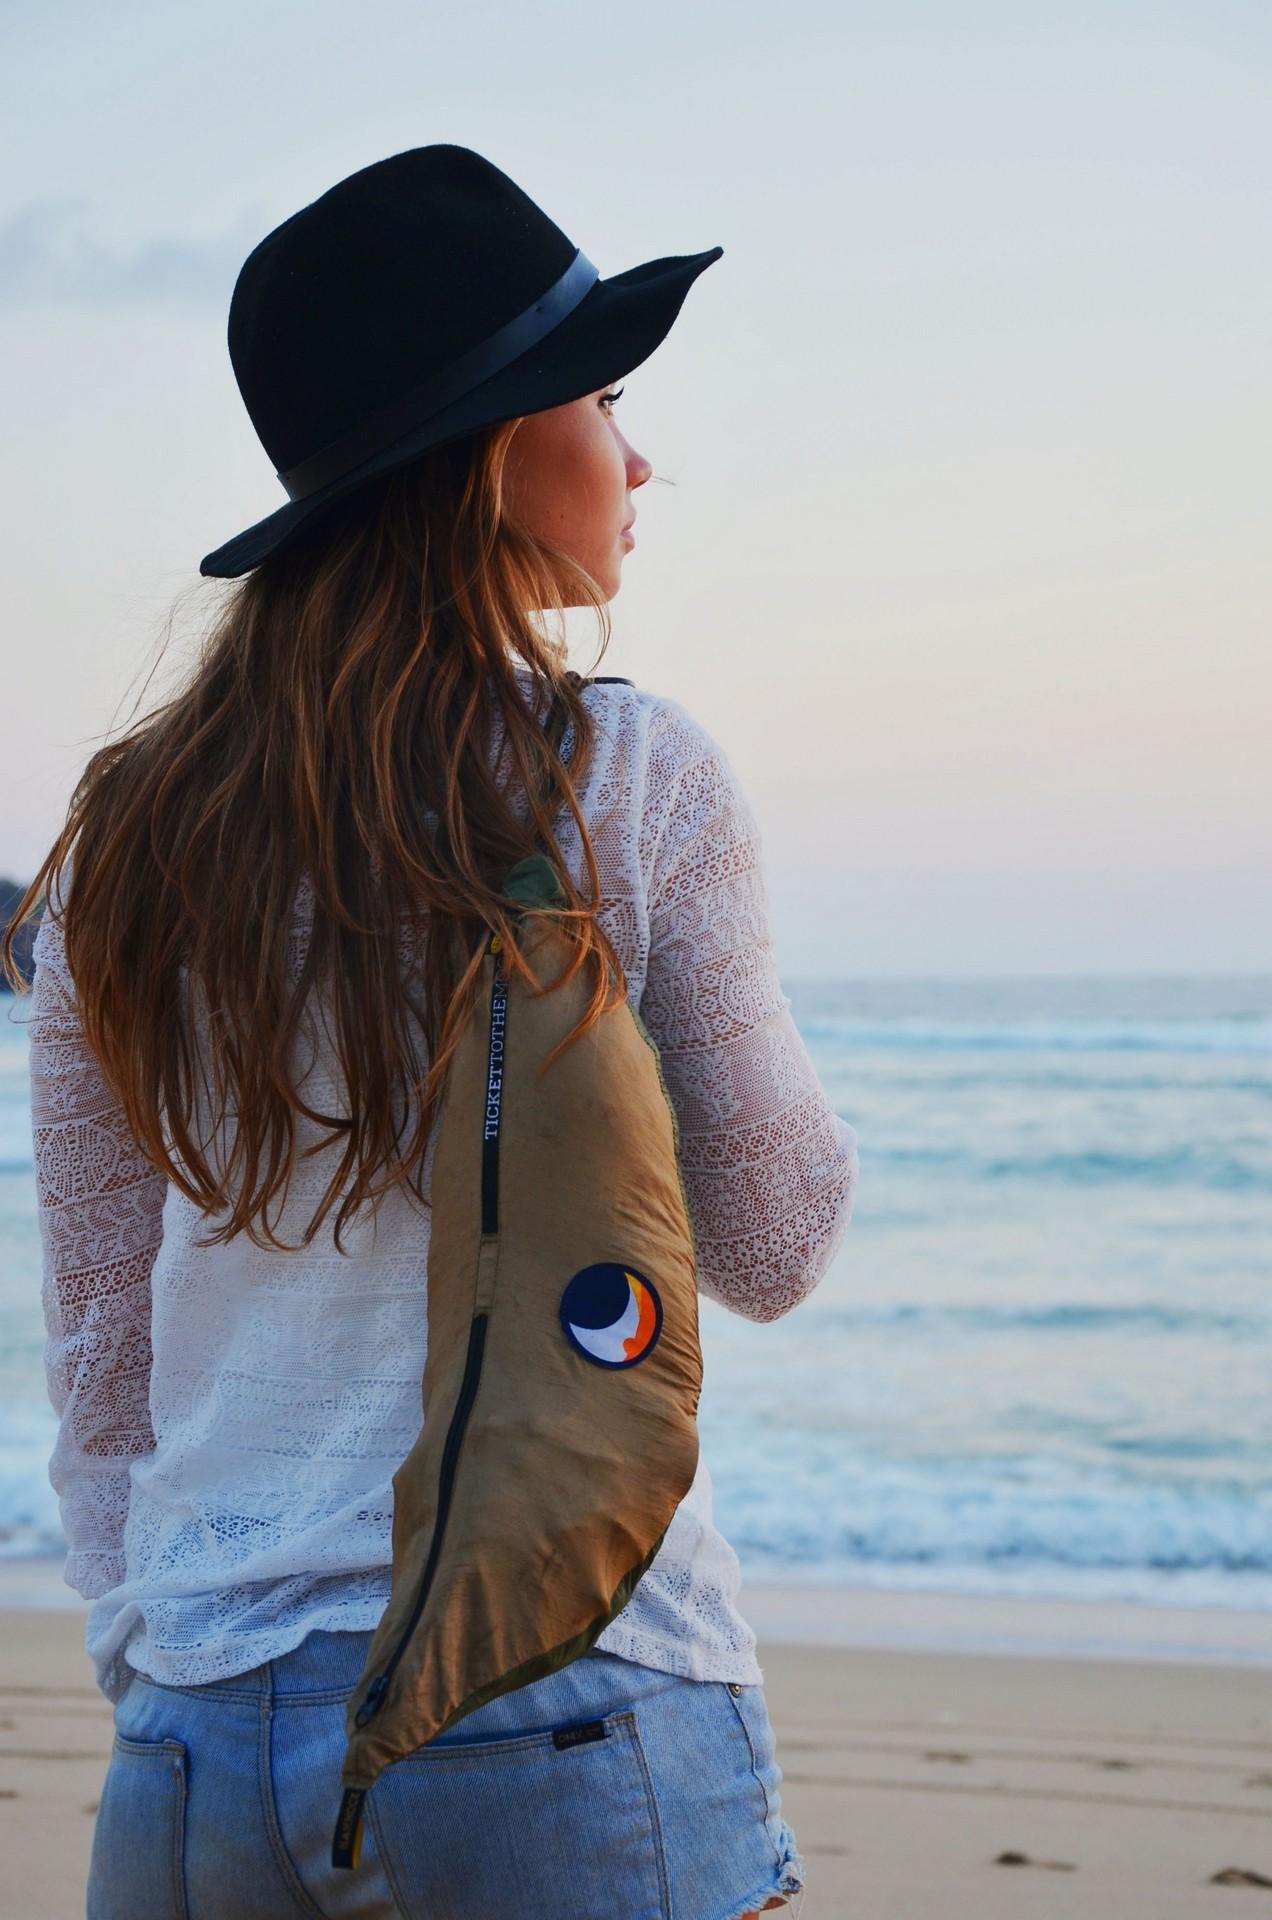 Девушка со свернутым за спиной гамаком.